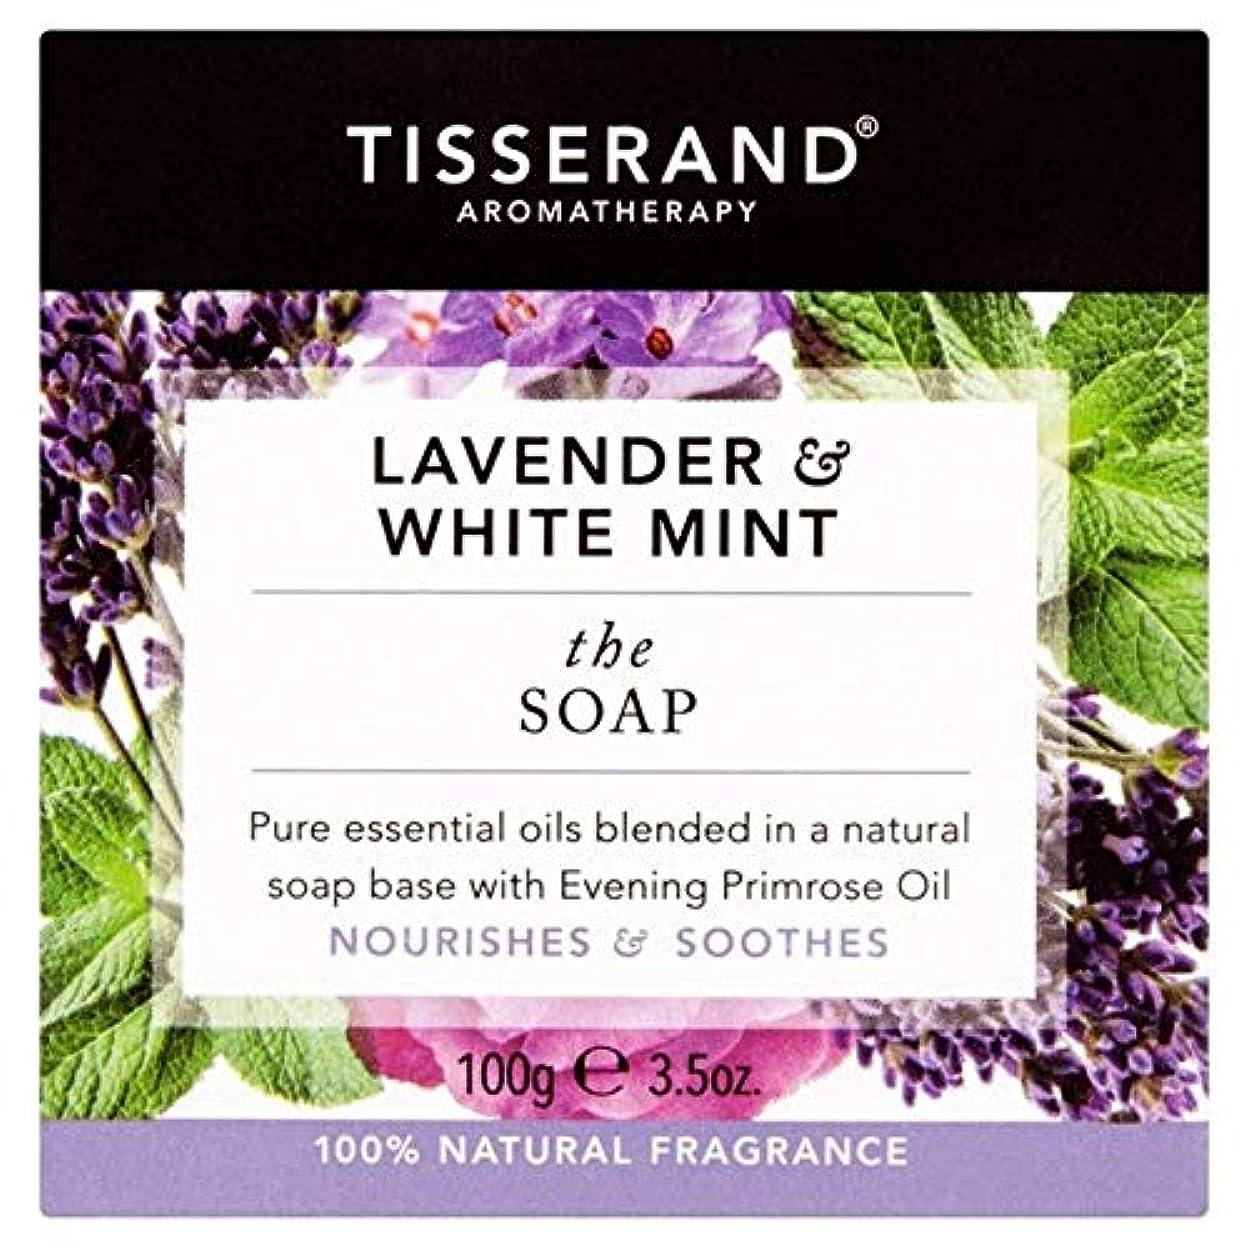 ボア保証金可能にする[Tisserand ] ティスランドラベンダー&ホワイトミント石鹸100グラム - Tisserand Lavender & White Mint The Soap 100g [並行輸入品]